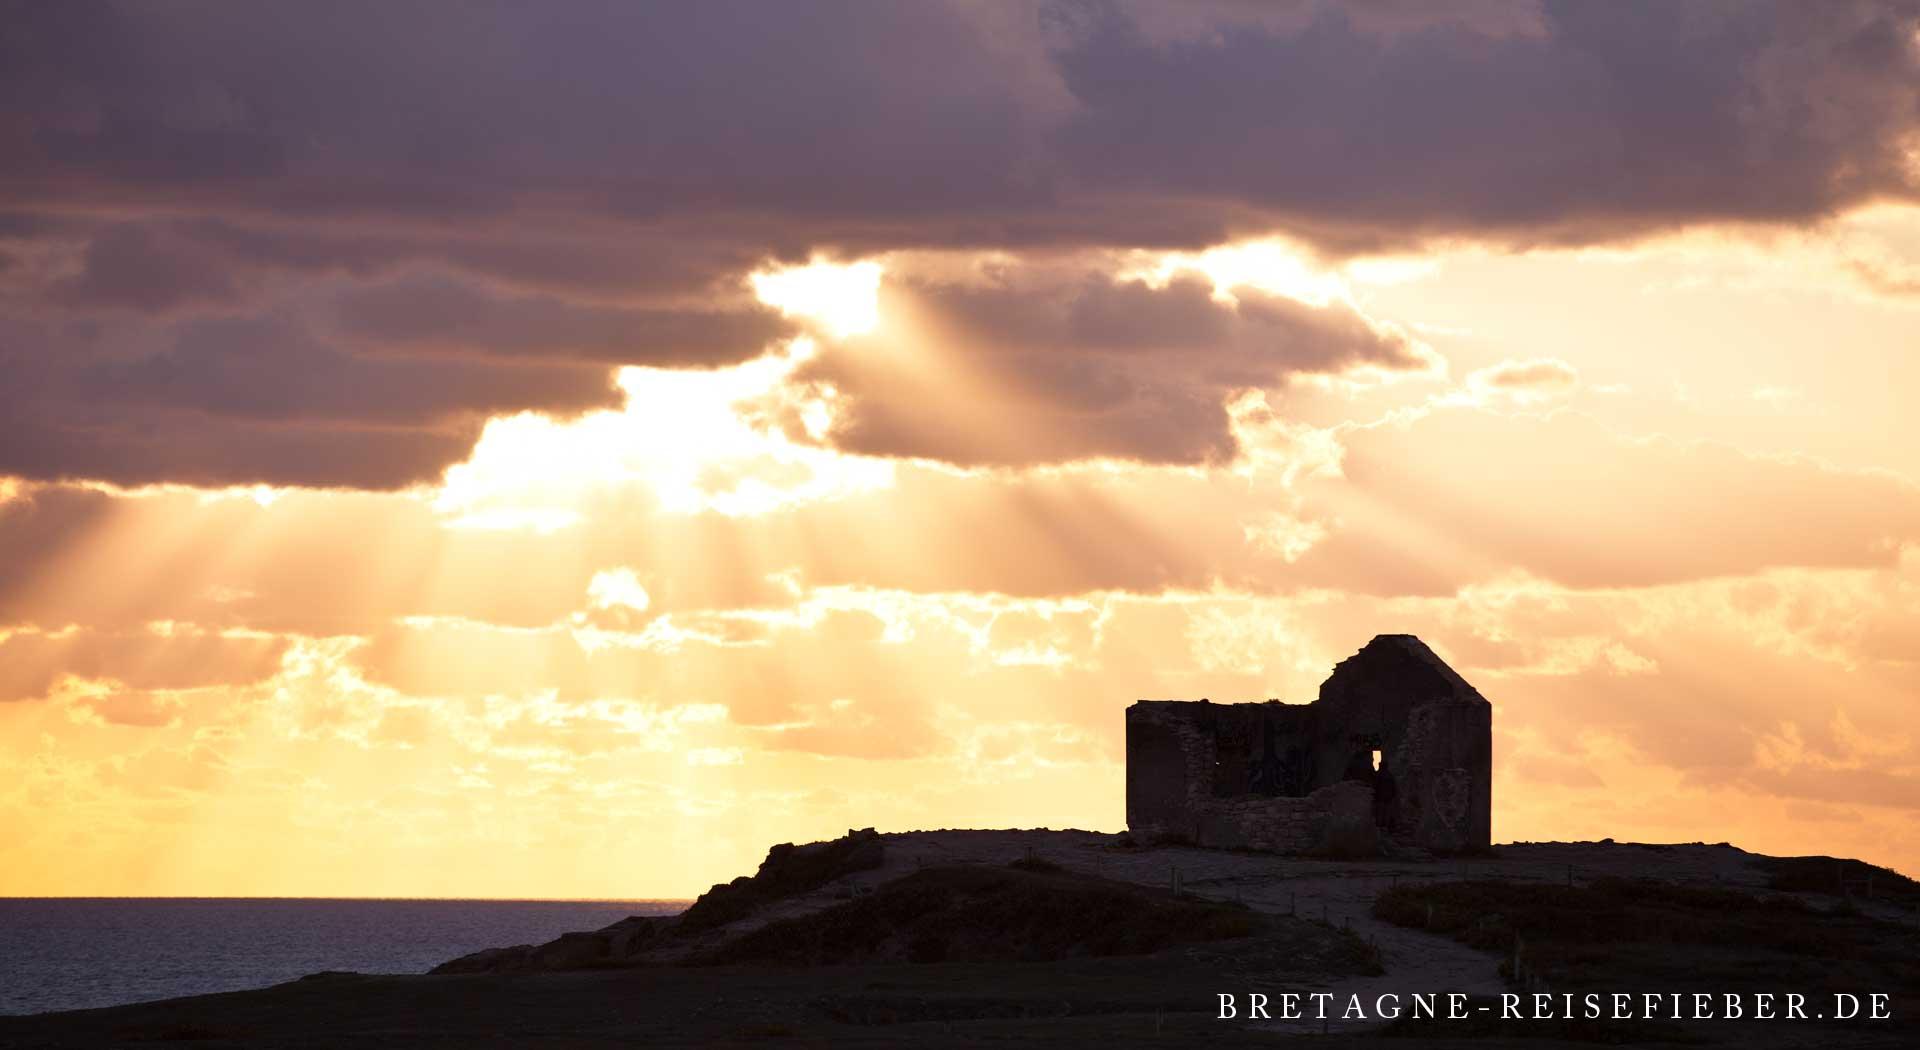 Wunderbar Außergewöhnliche Ferienhäuser Das Beste Von Außergewöhnliche Ferienhäuser, Die Ausgefallensten Unterkünfte Der Bretagne